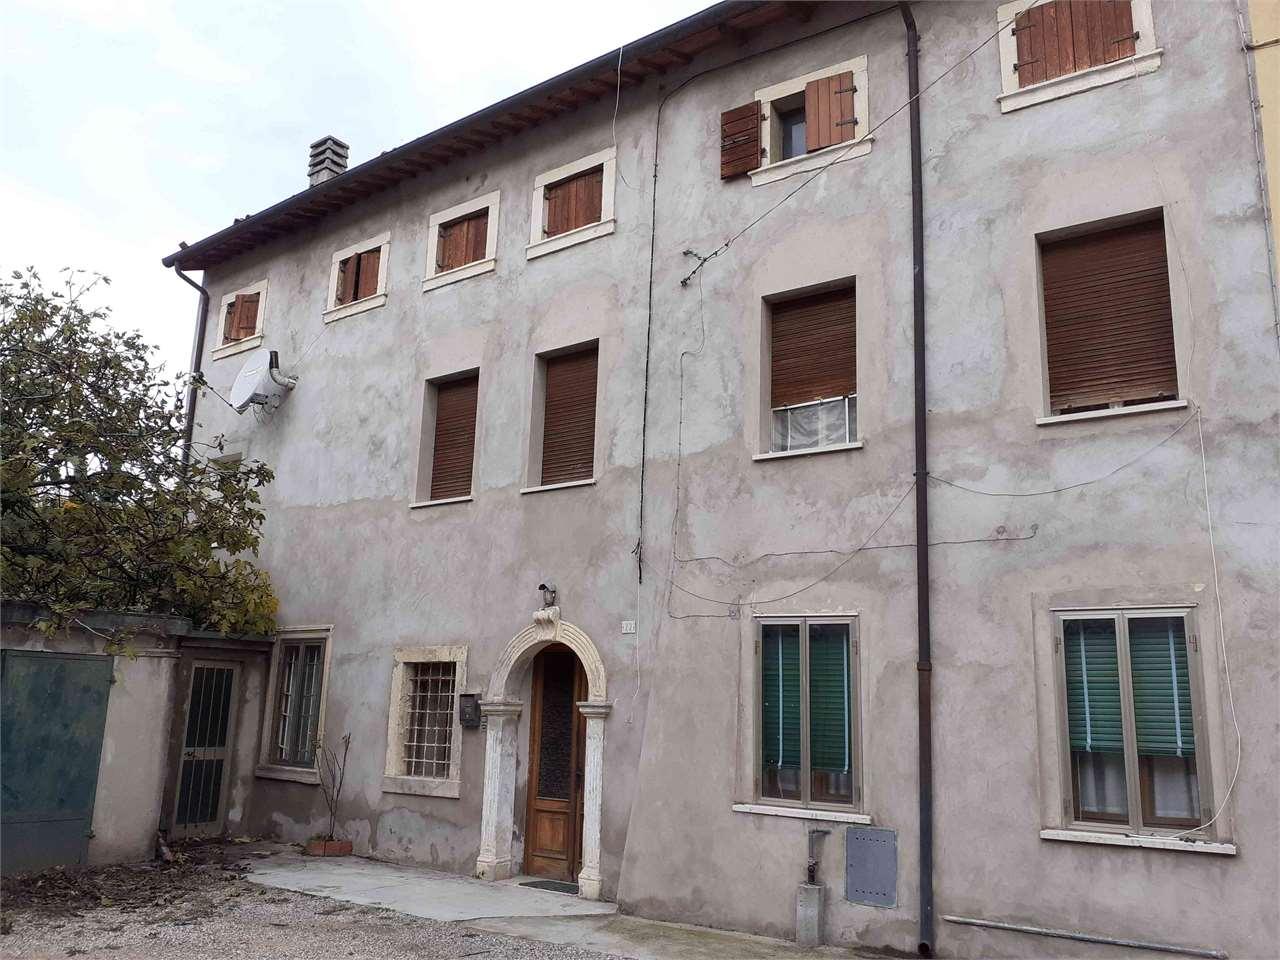 Palazzo / Stabile in vendita a Tregnago, 15 locali, prezzo € 150.000 | CambioCasa.it